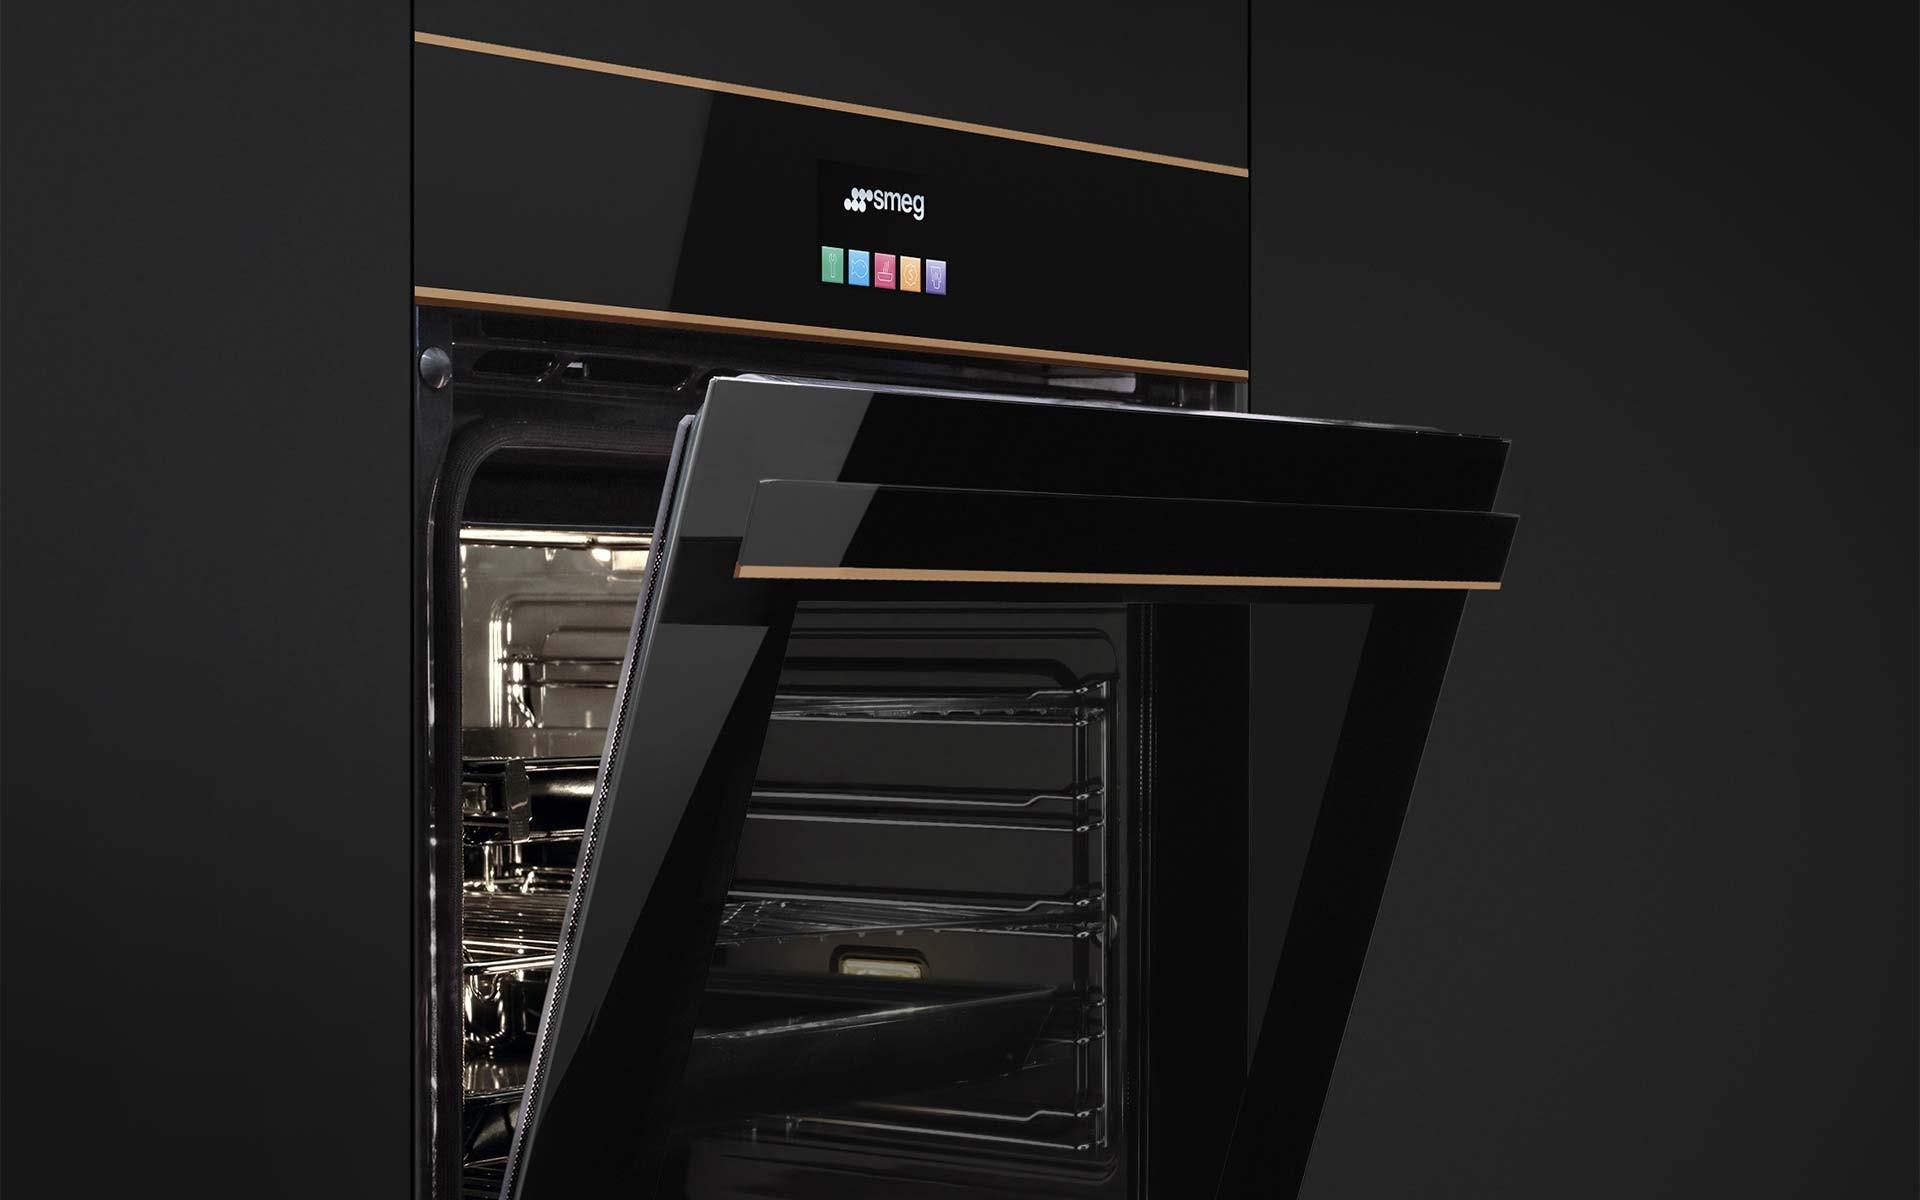 Smeg Kühlschrank Ersatzteile : Smeg hausgeräte berlin steidten einrichten mit